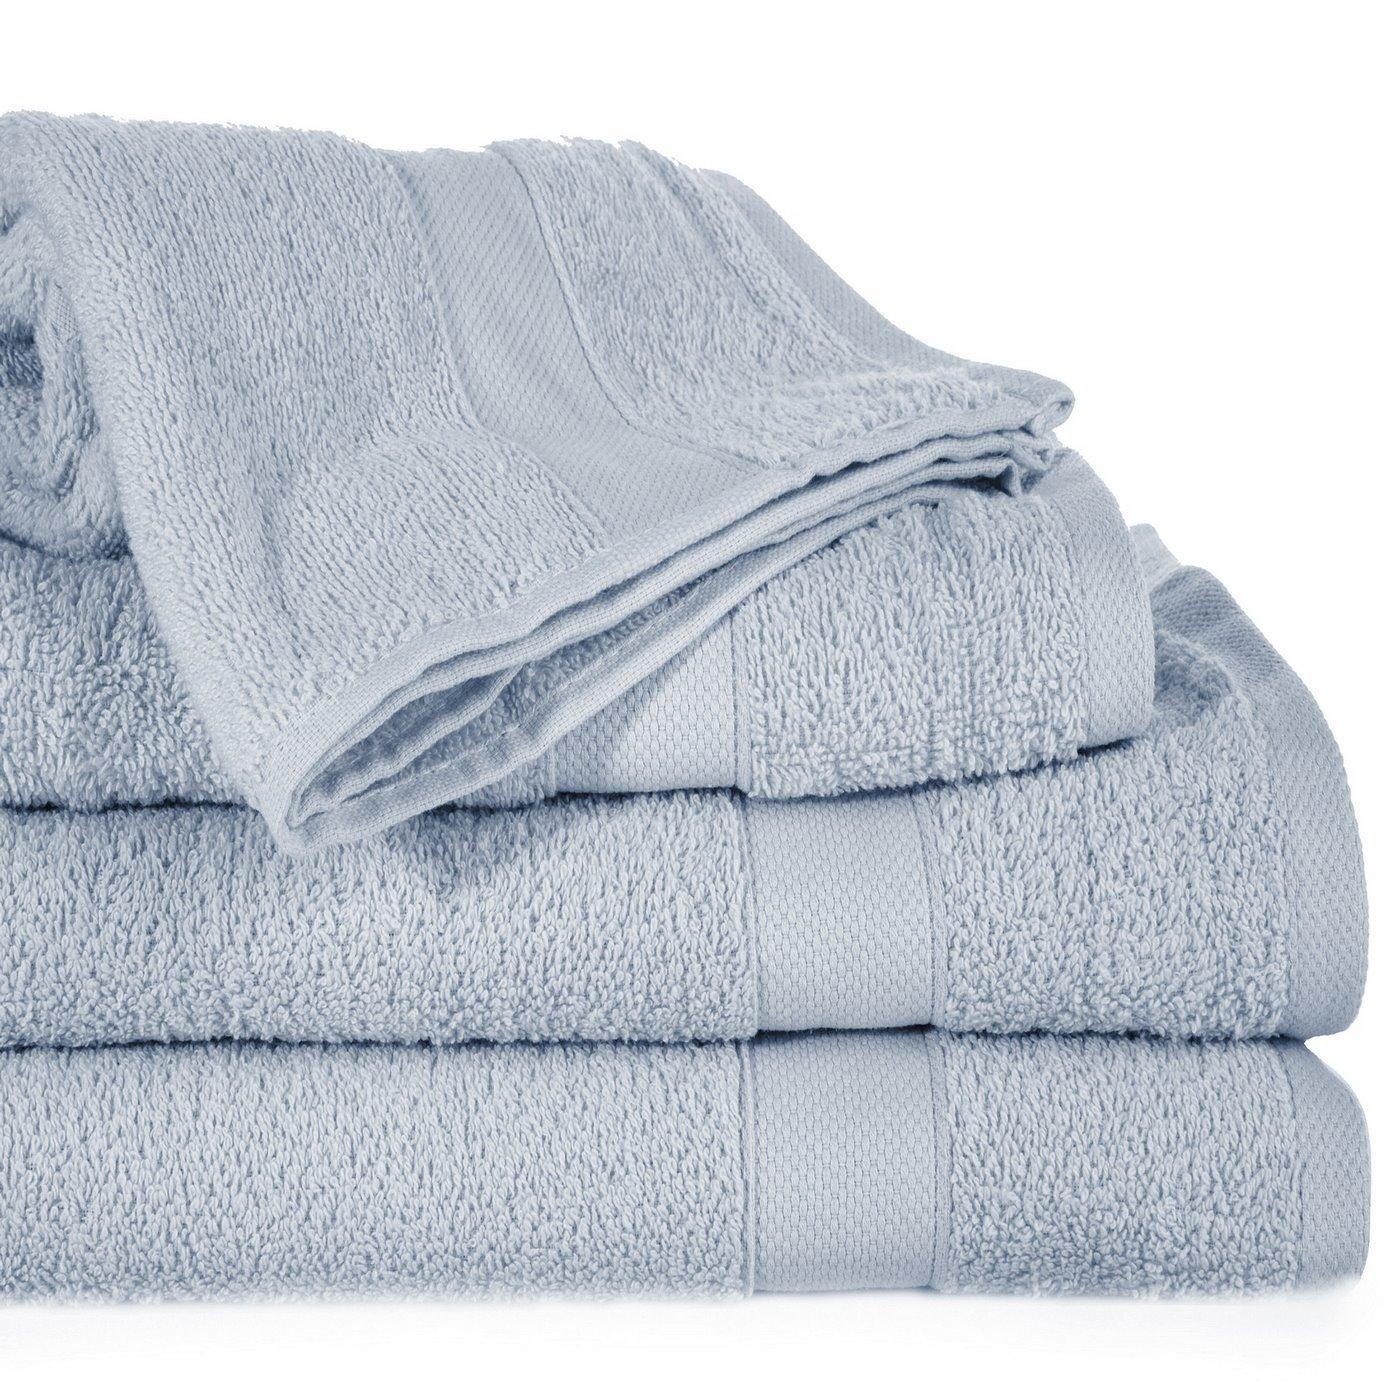 Miękki chłonny ręcznik kąpielowy srebrny 50x90